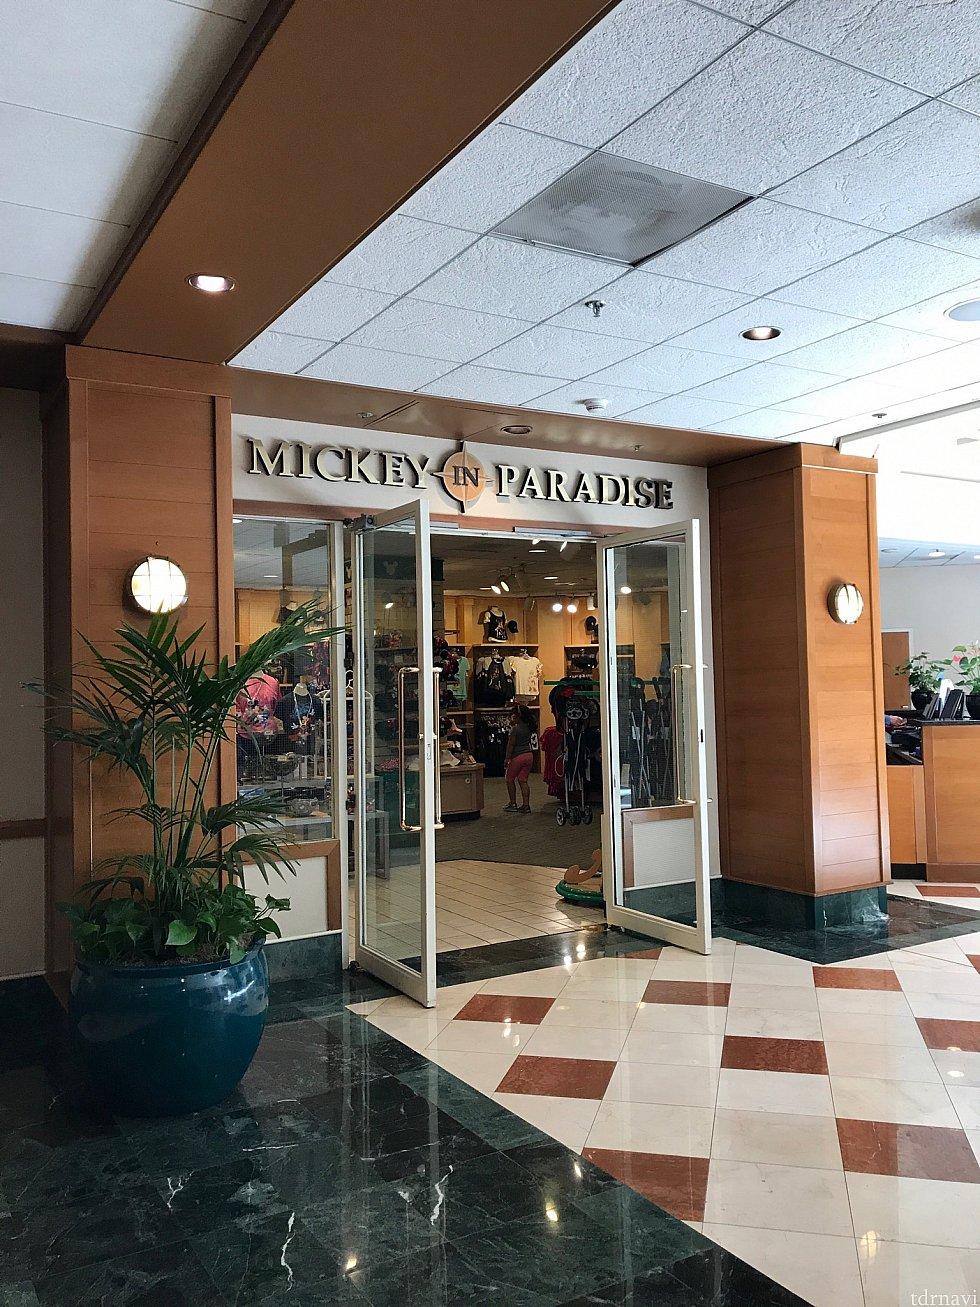 ホテルのショップ「ミッキーインパラダイス」。